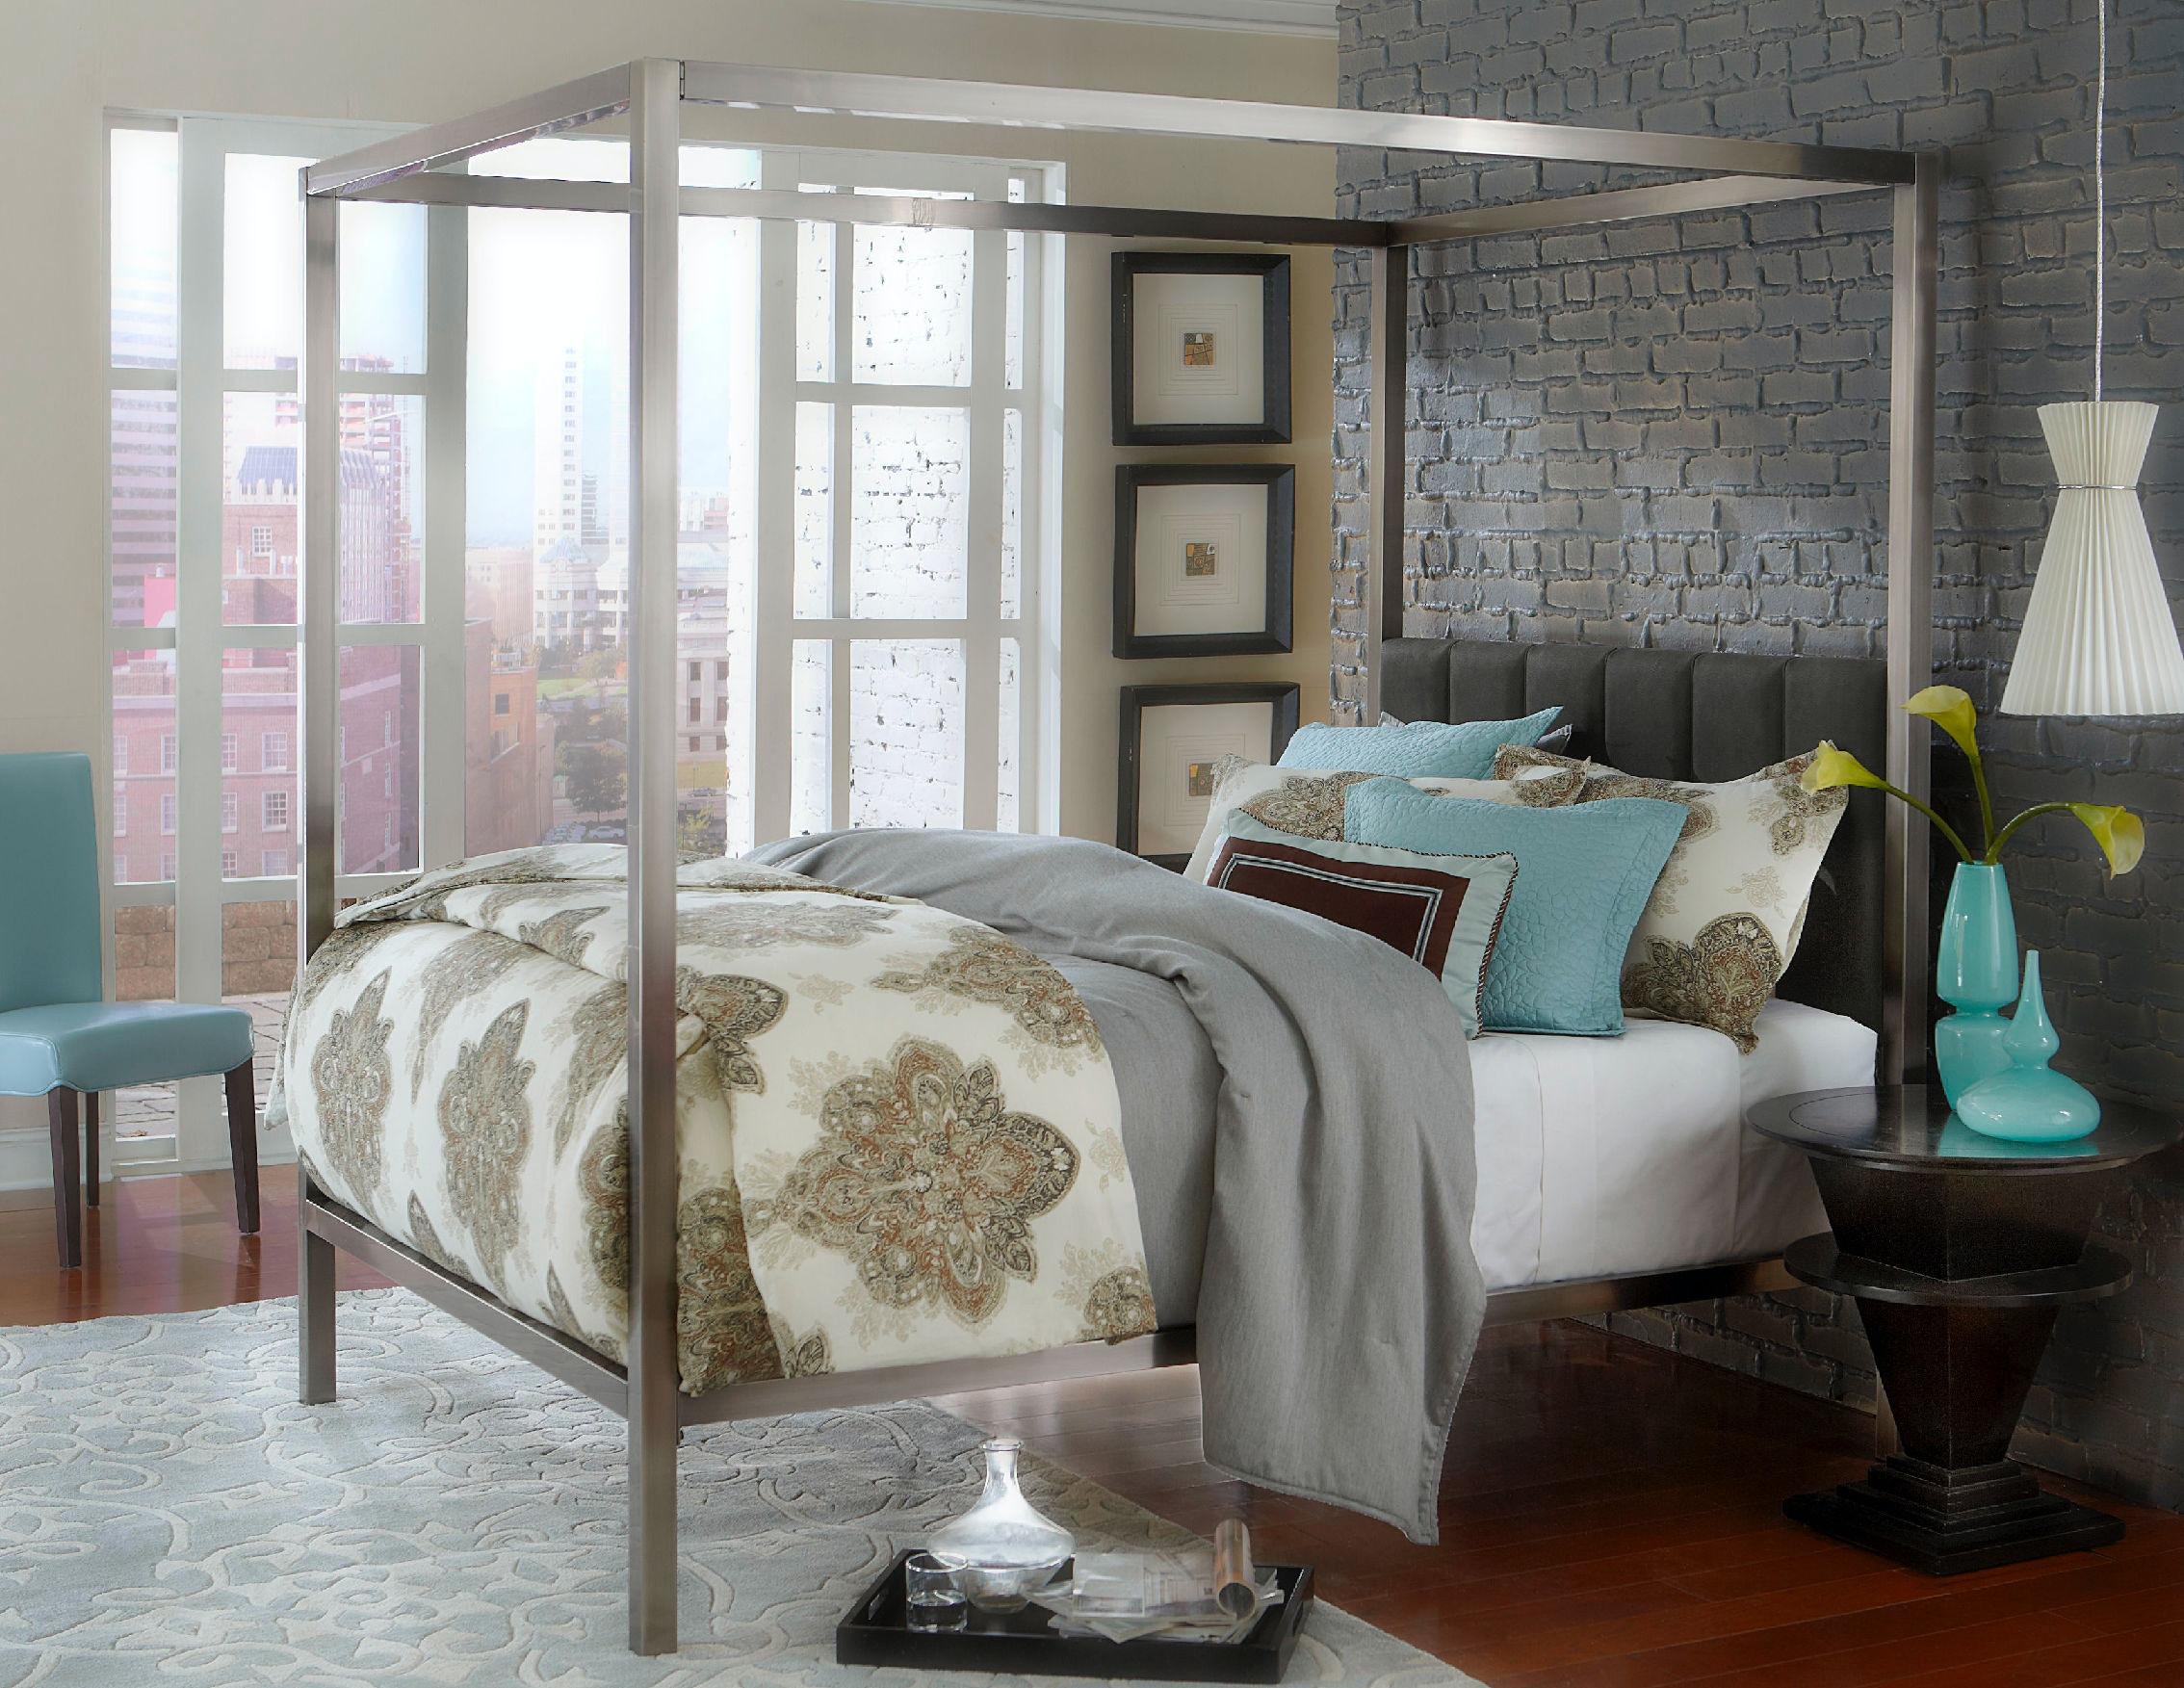 1057BKR & Bedroom Beds - Gustafsonu0027s Furniture and Mattress - Rockford IL